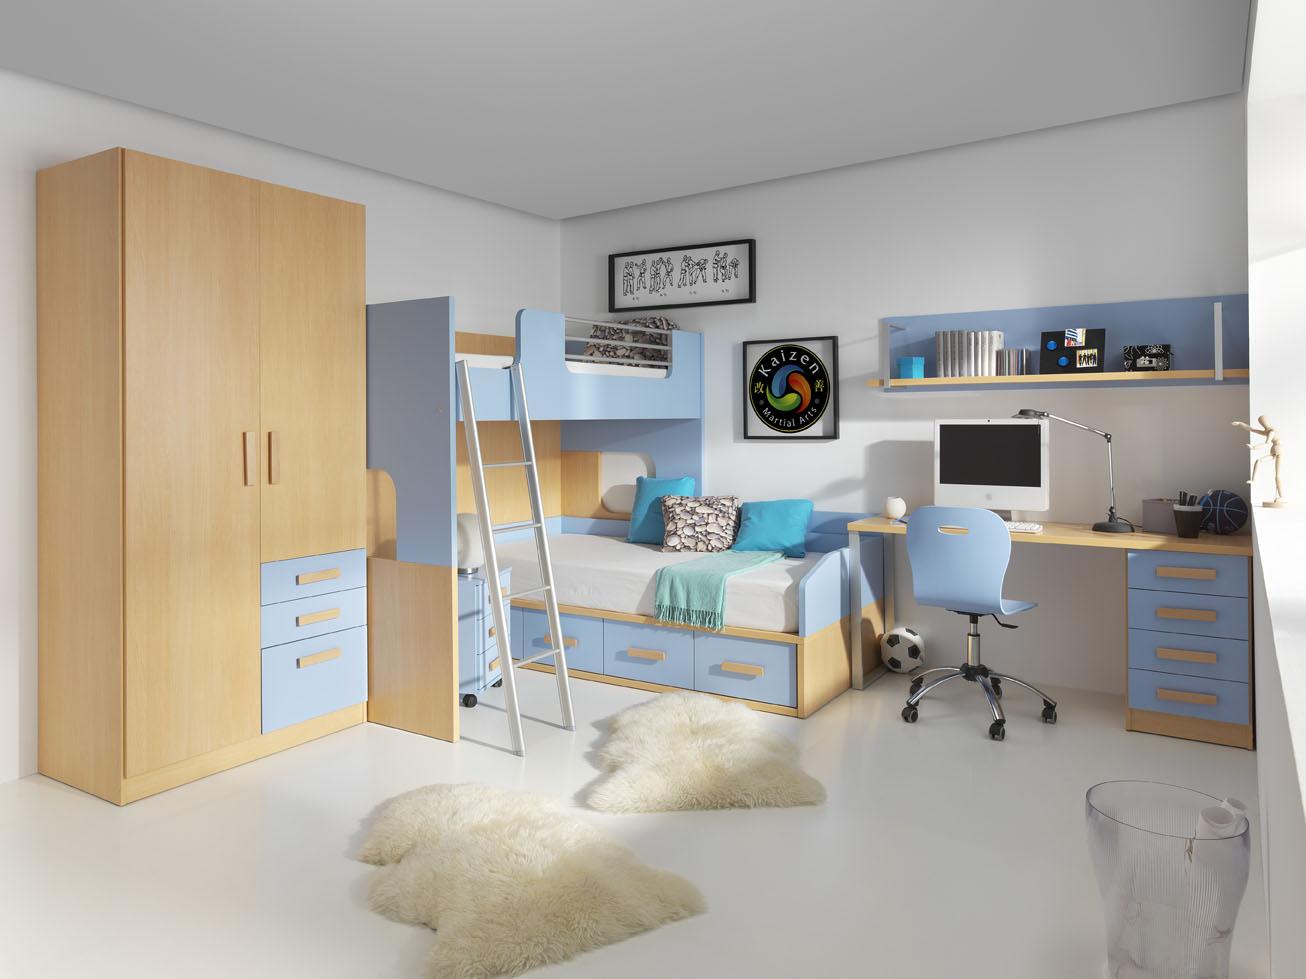 Habitaciones compartidas para ni os muebles orts blog - El mueble dormitorio juvenil ...